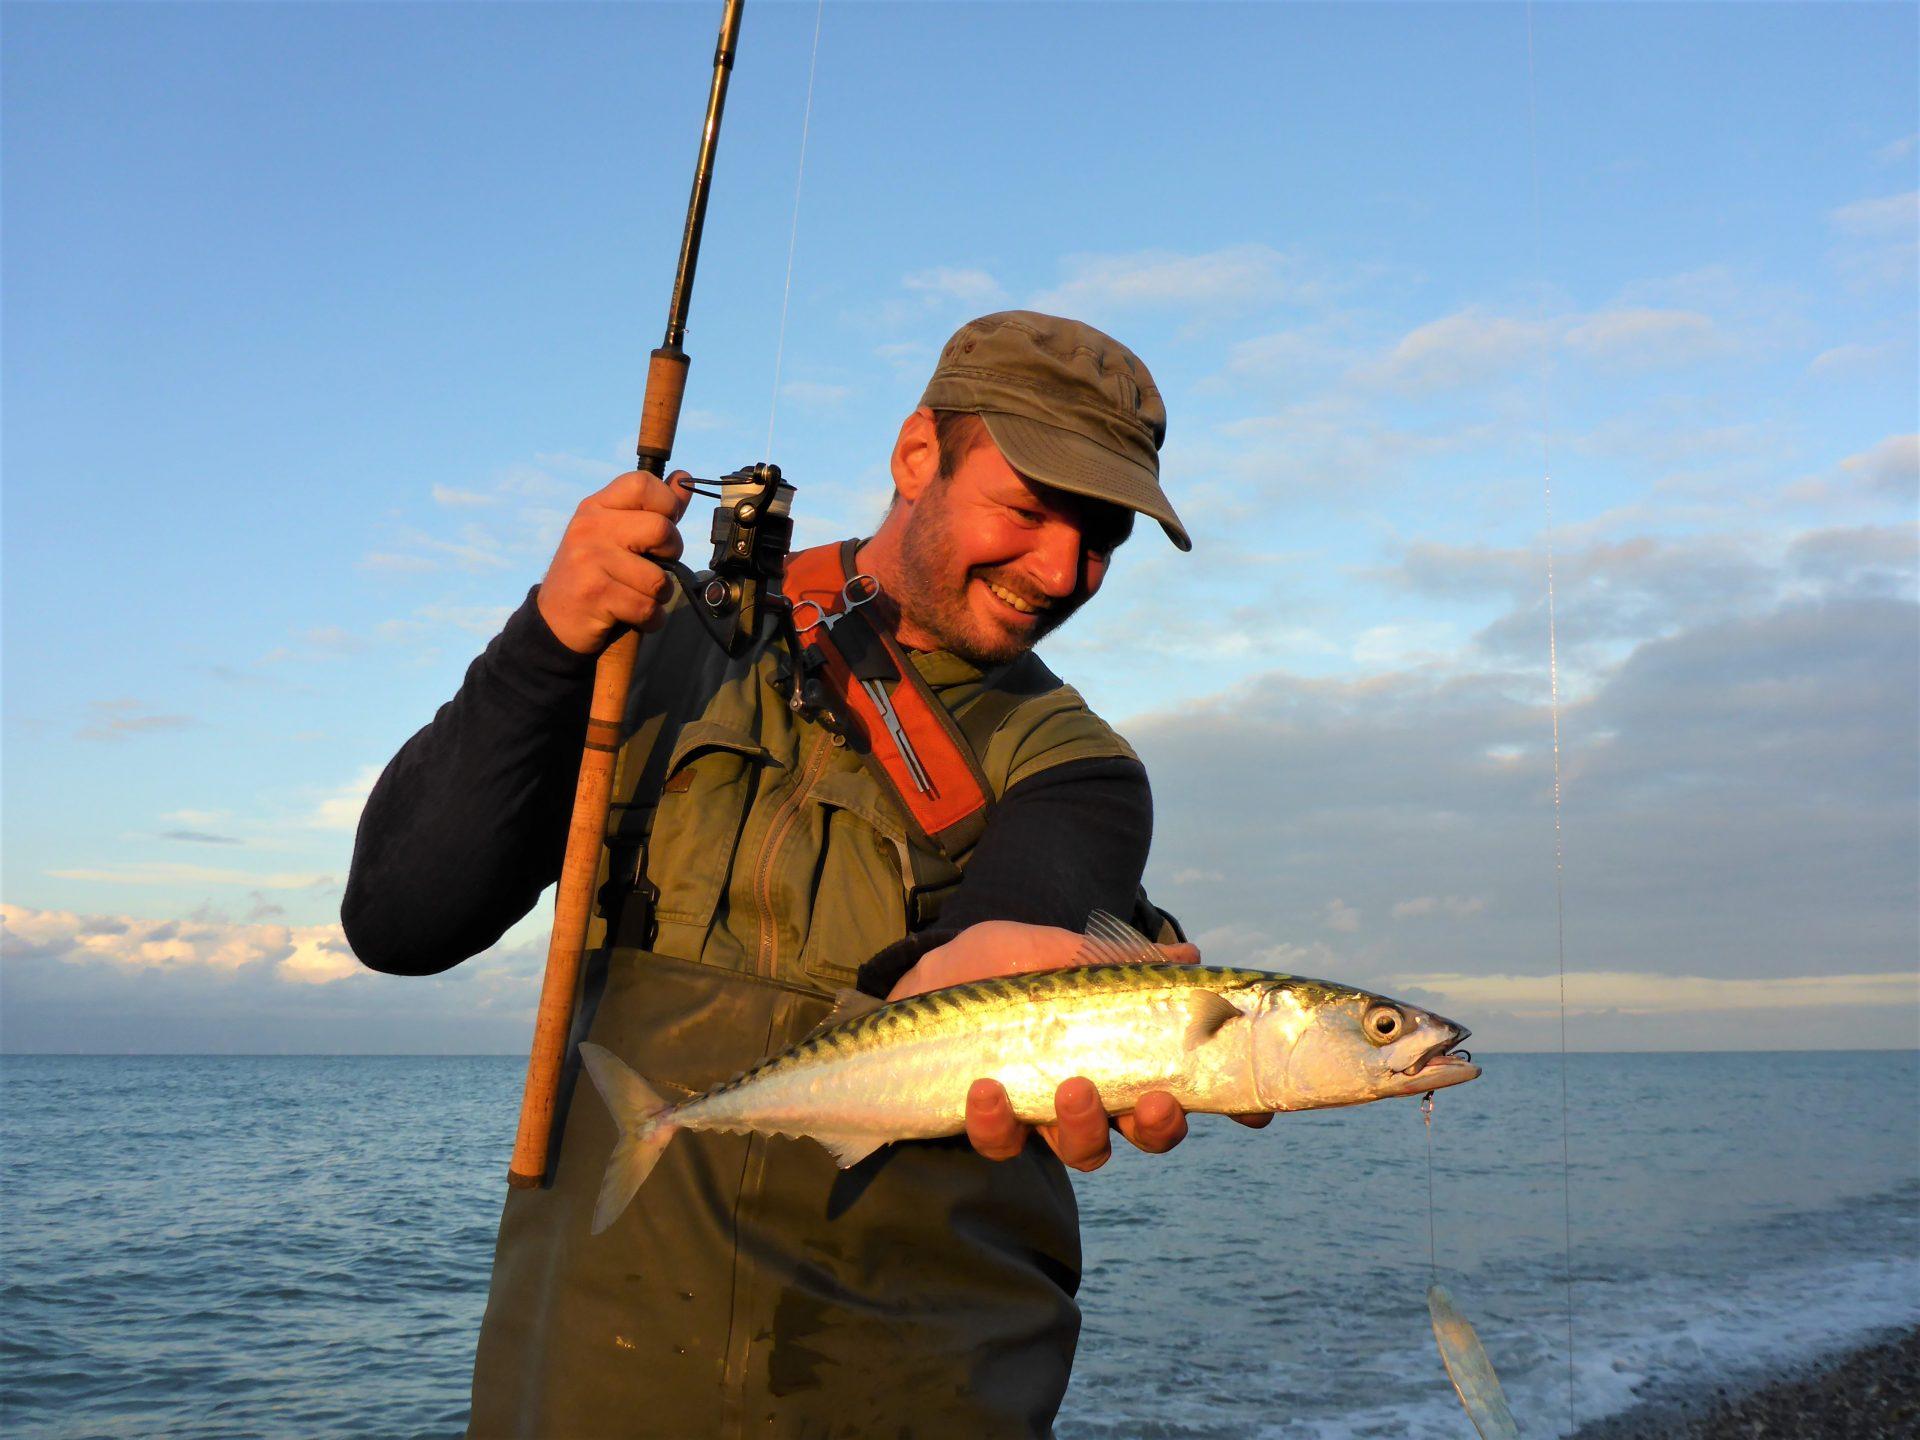 Lystfiskeri efter makrel i Limfjorden kan gøres om sommeren.